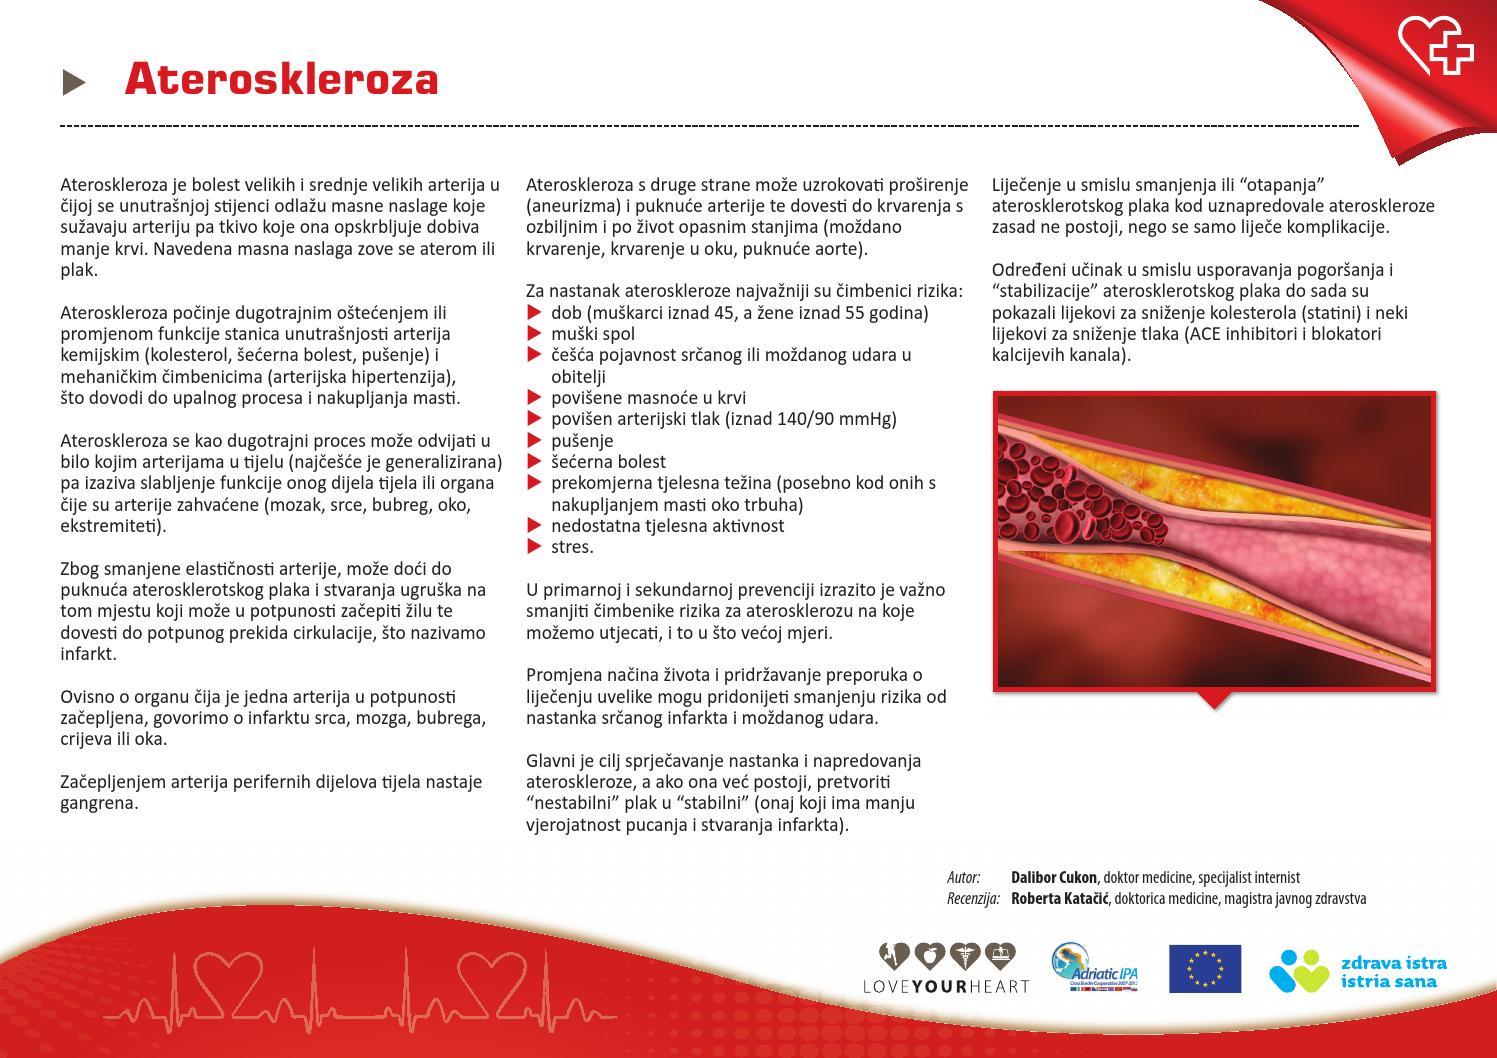 hipertenzija su aneurizma)